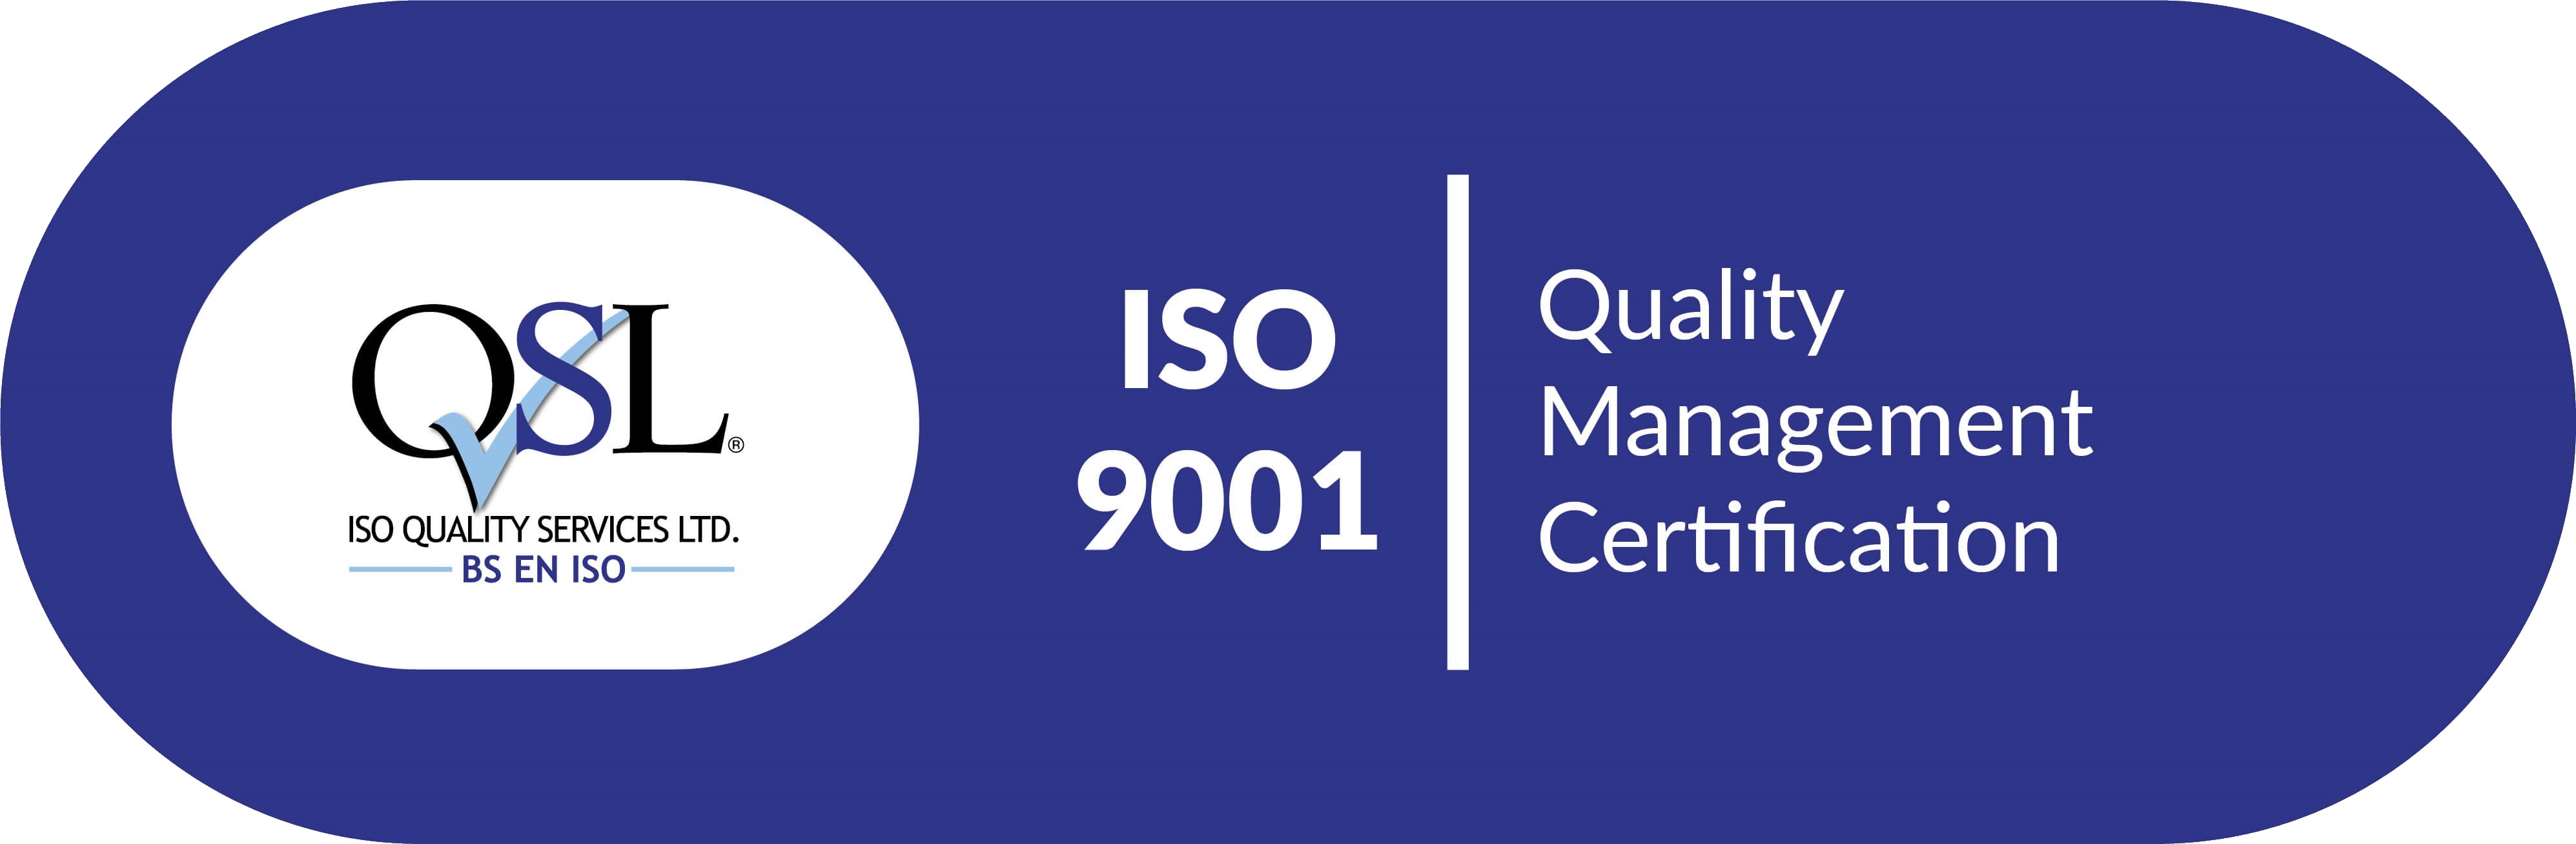 Hoge 100 - ISO 9000